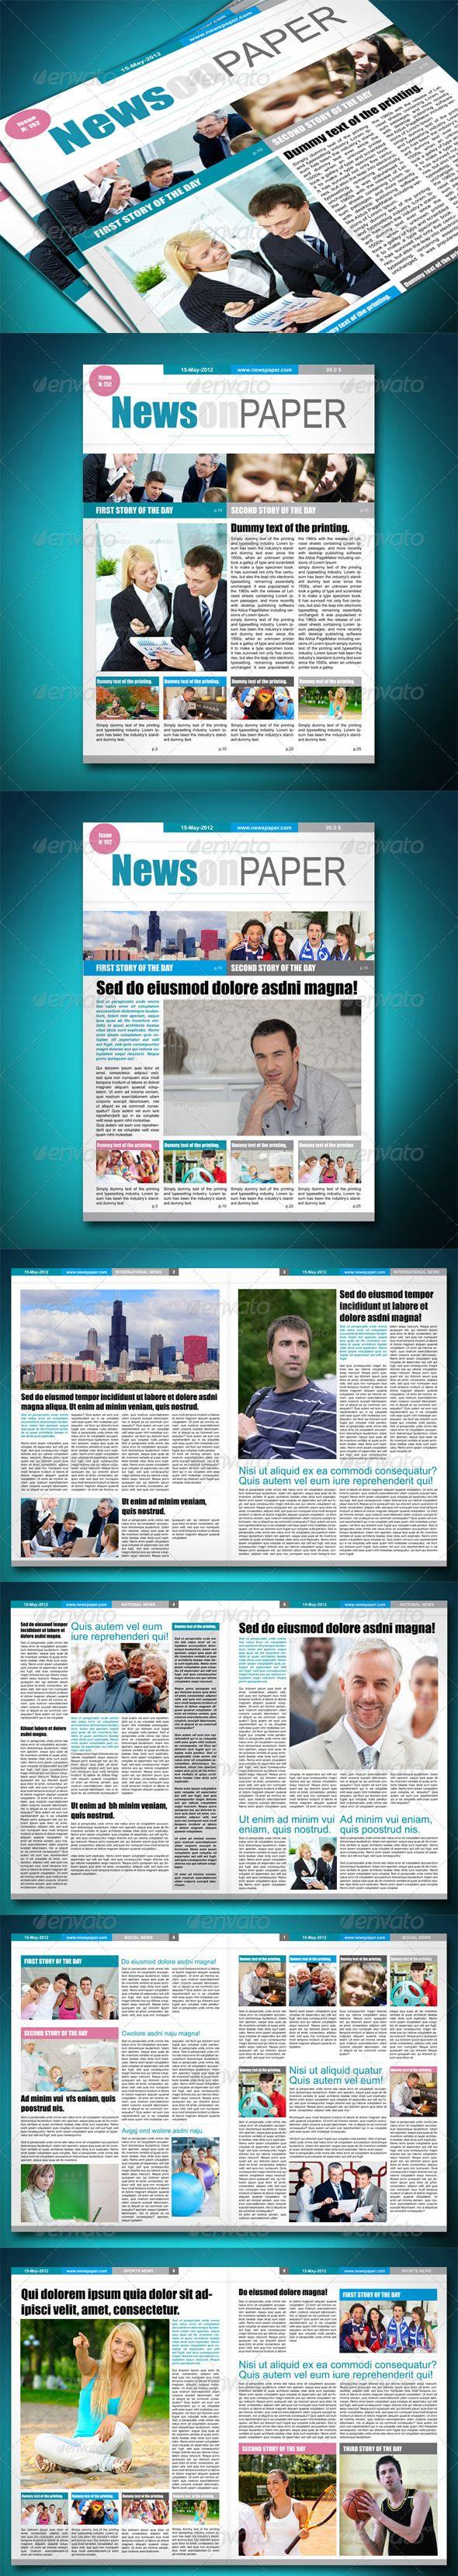 Newspaper Article Template Mac